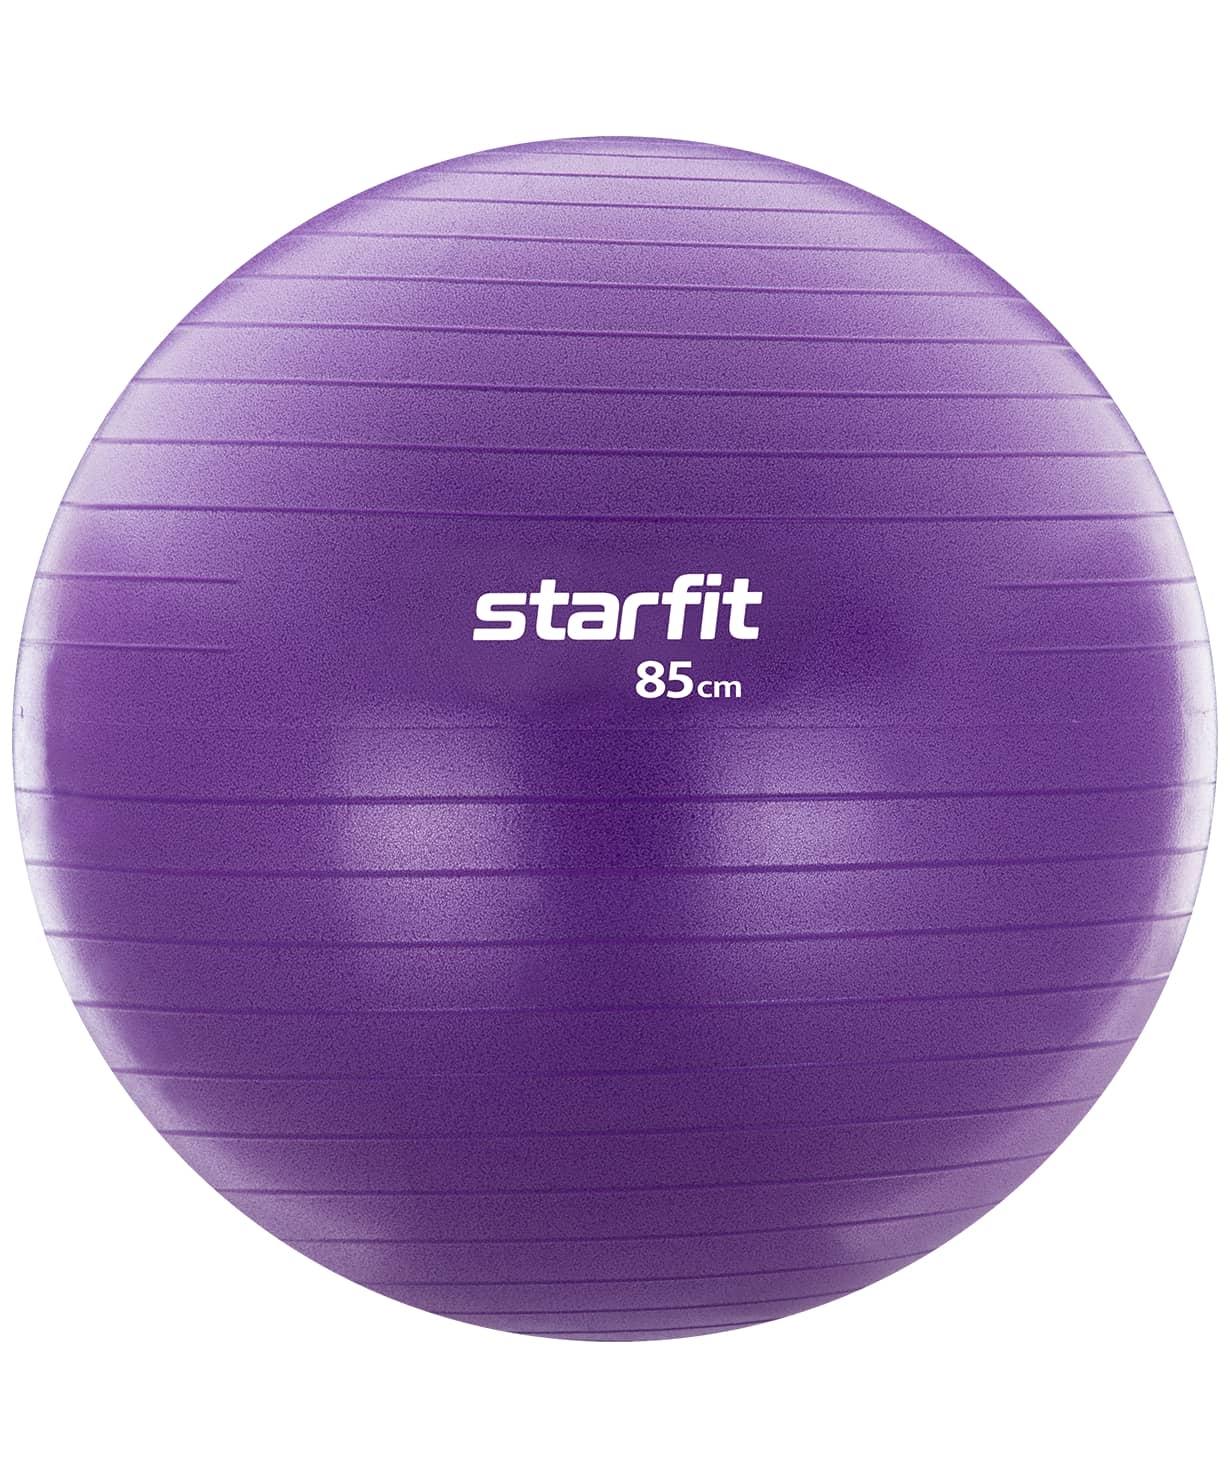 Фитбол STARFIT GB-106 85 см, 1500 гр, с ручным насосом, фиолетовый (антивзрыв)